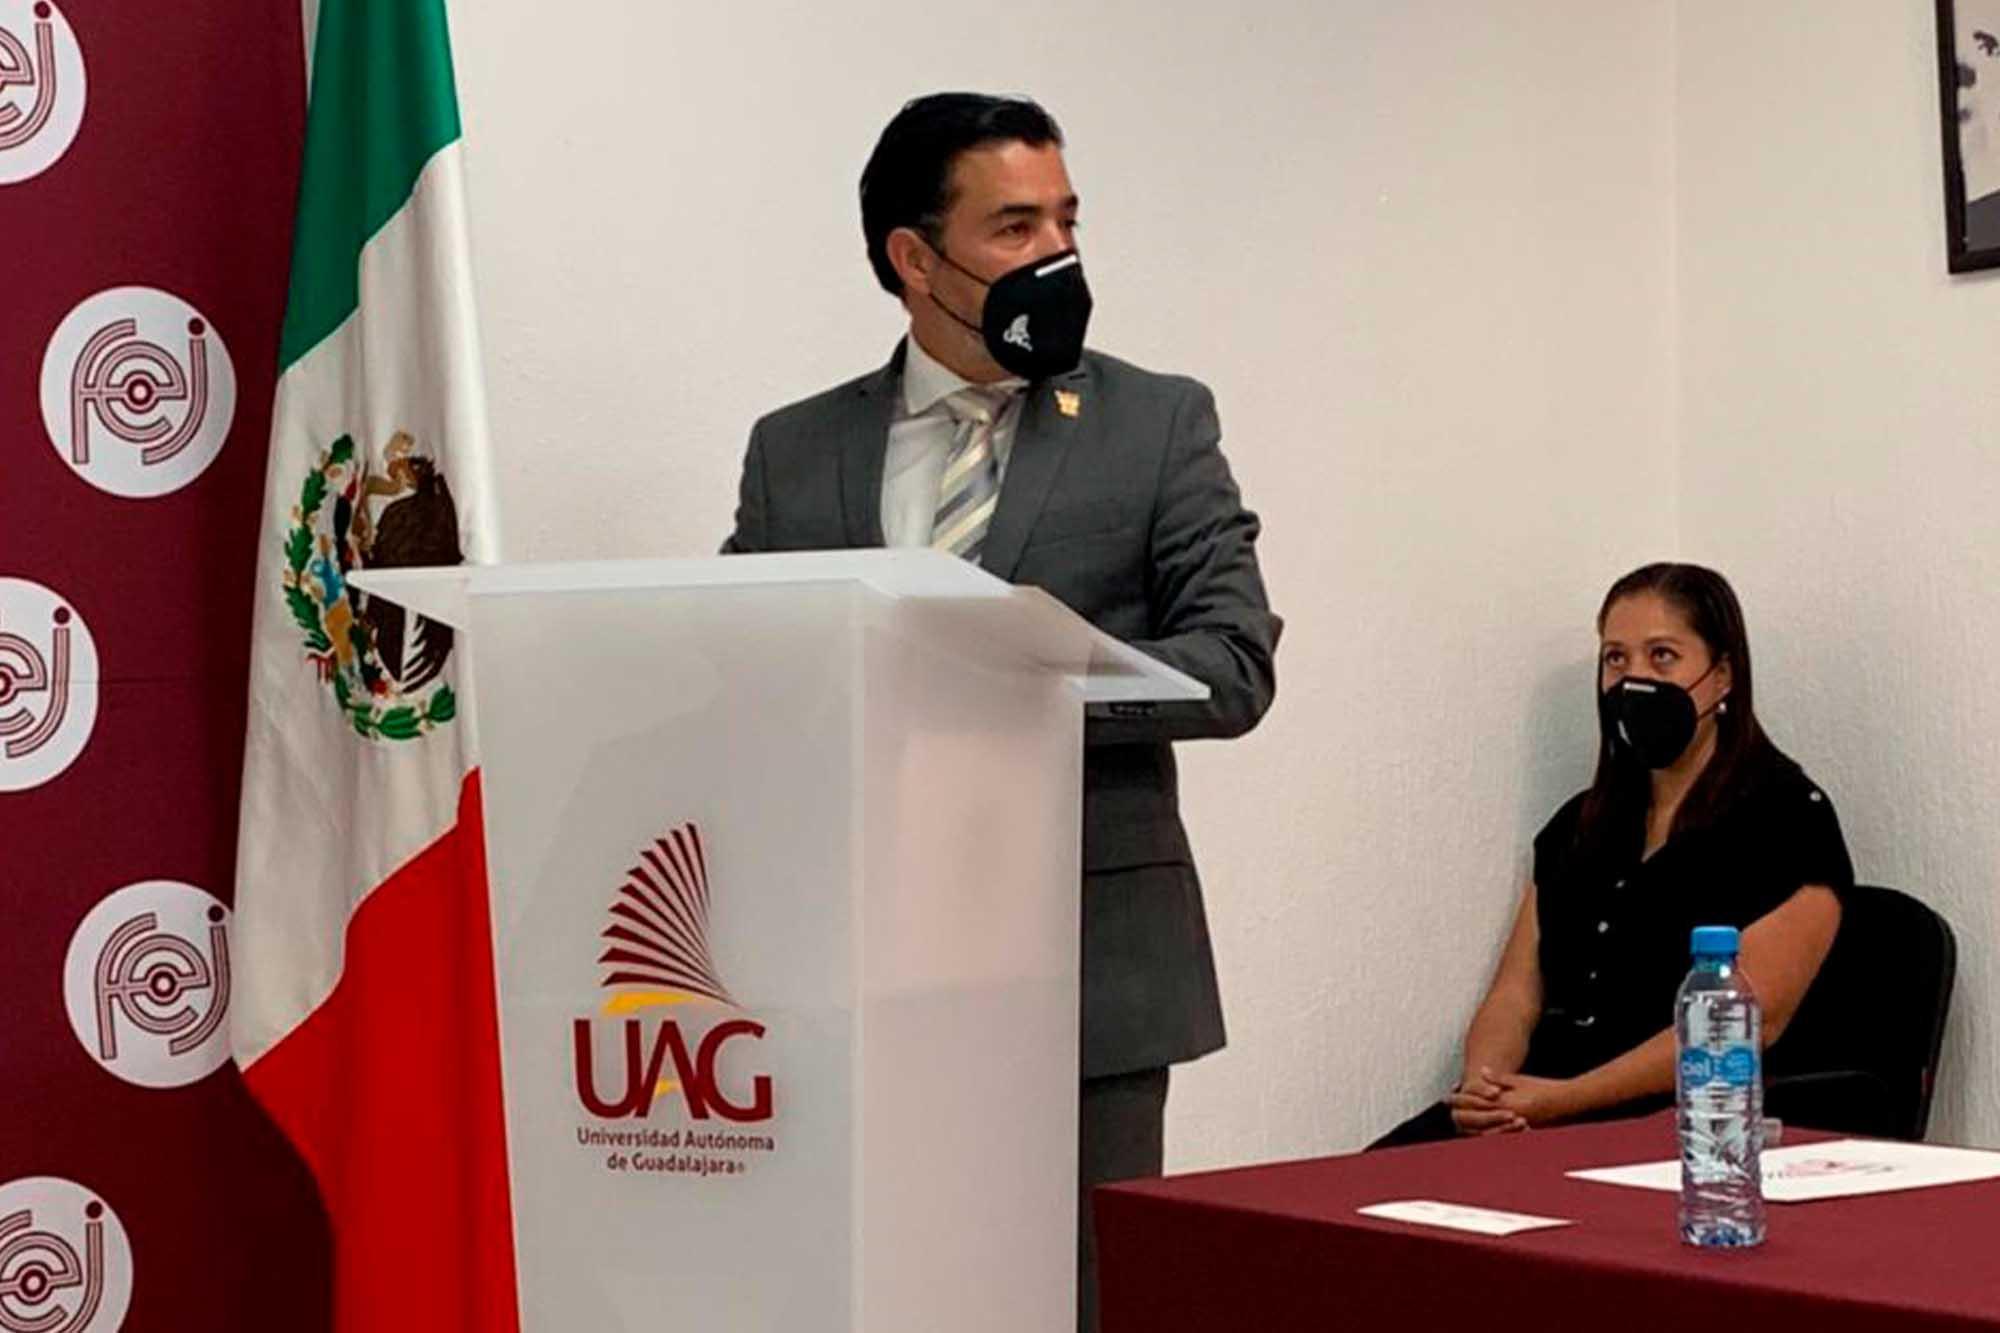 fotografía del Lic. Juan José Tinoco 260321